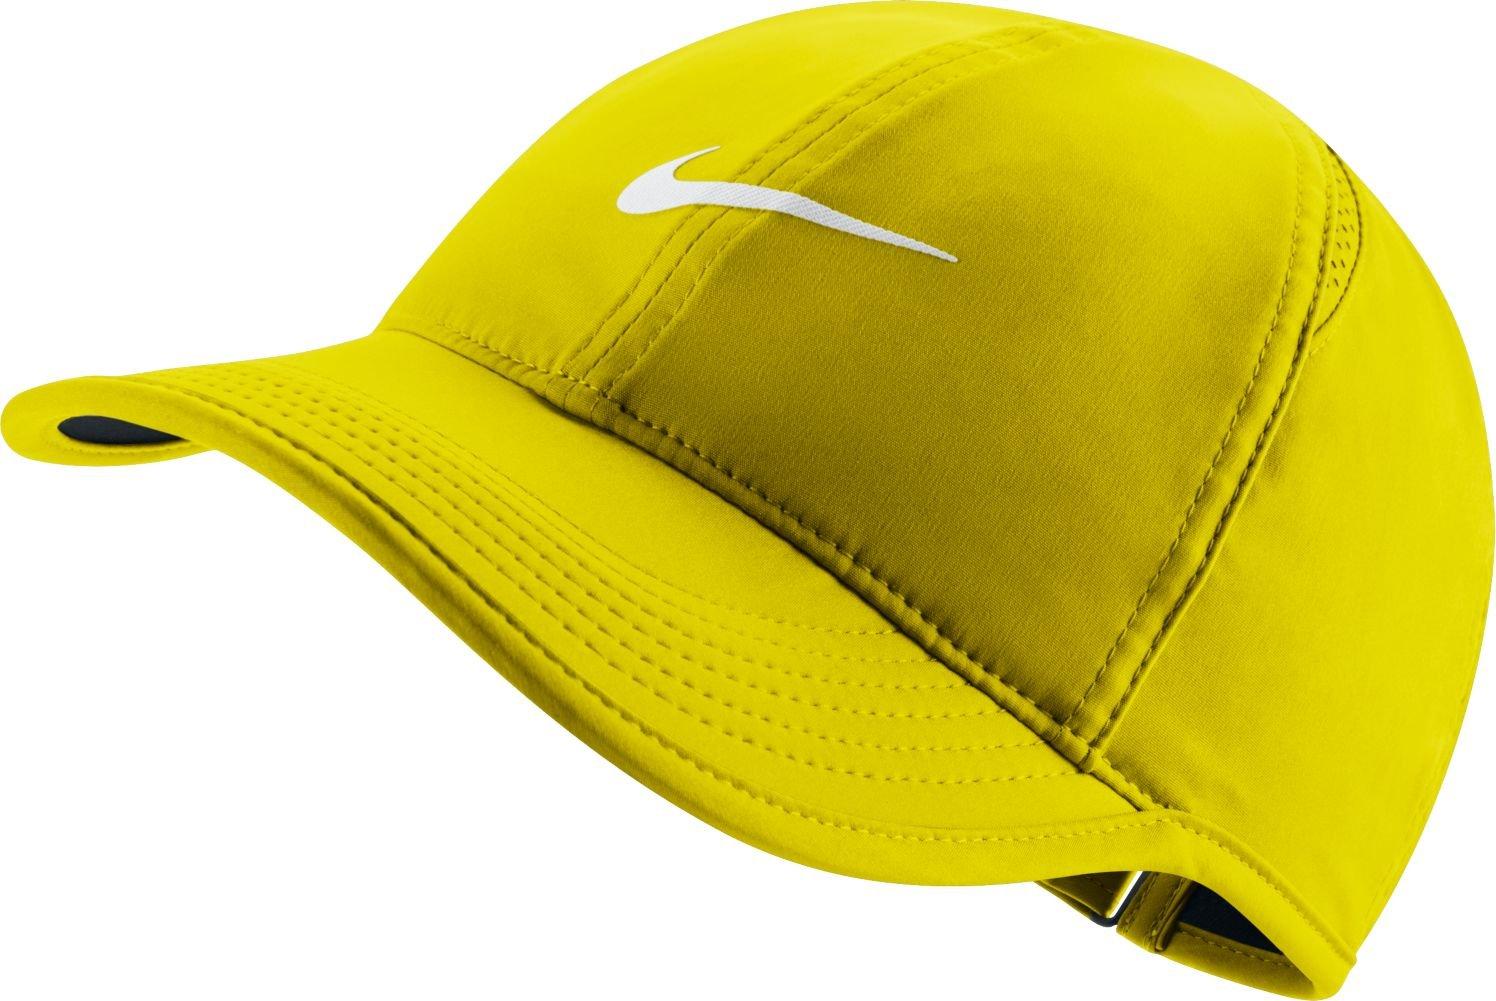 ナイキ(NIKE) ウィメンズ フェザーライト キャップ 679424 B0058YB48K One Size|Opti Yellow Opti Yellow One Size